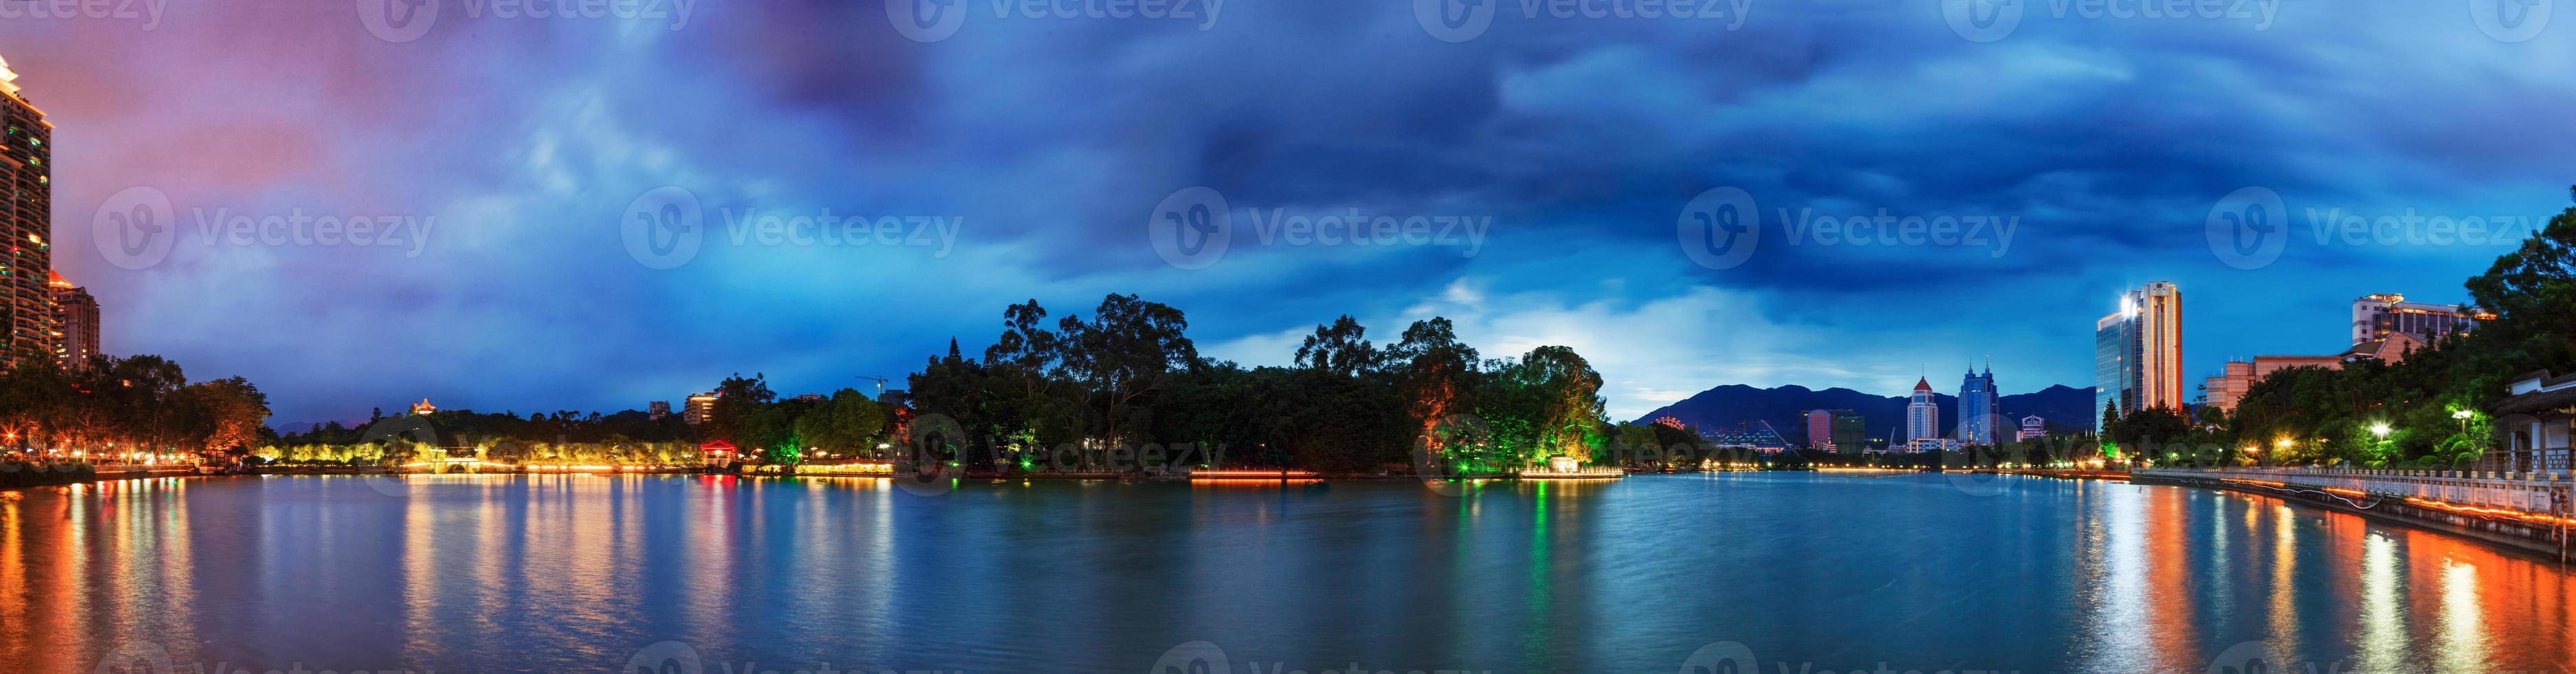 céu dramático sobre um parque aquático em fuzhou, china foto